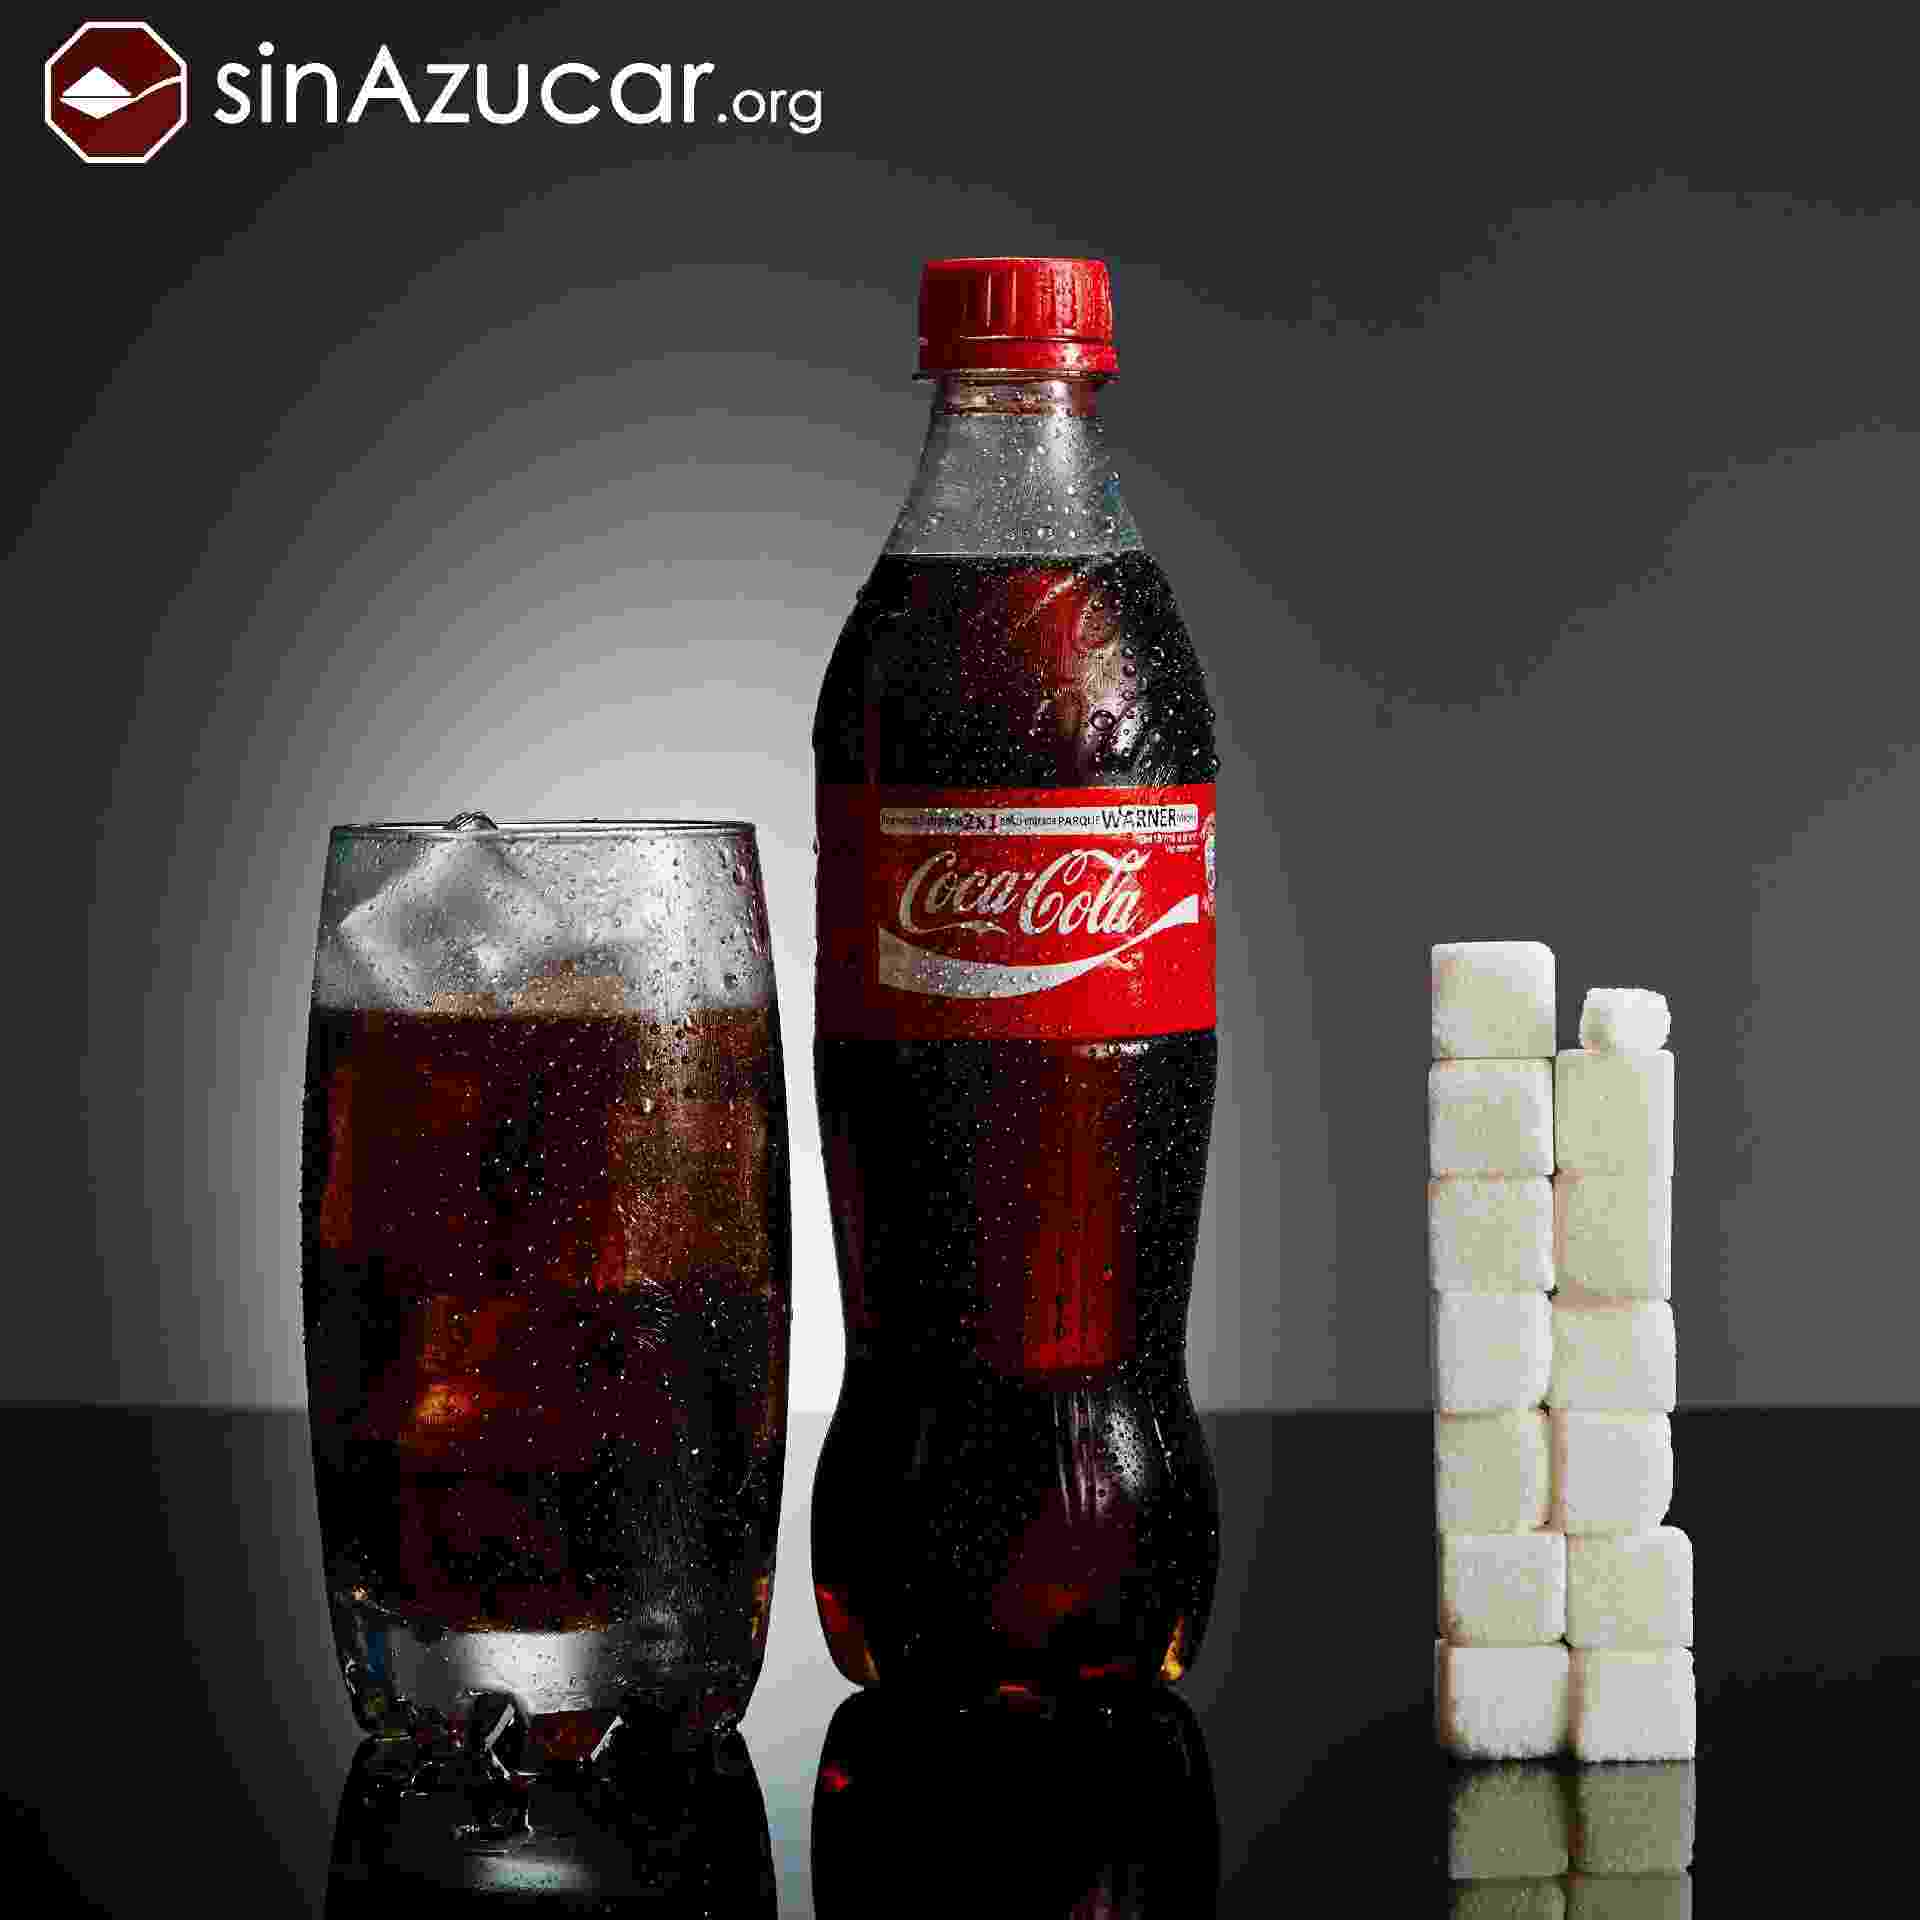 Projeto Sin Azúcar - Coca-cola - Reprodução/sinazucar.org